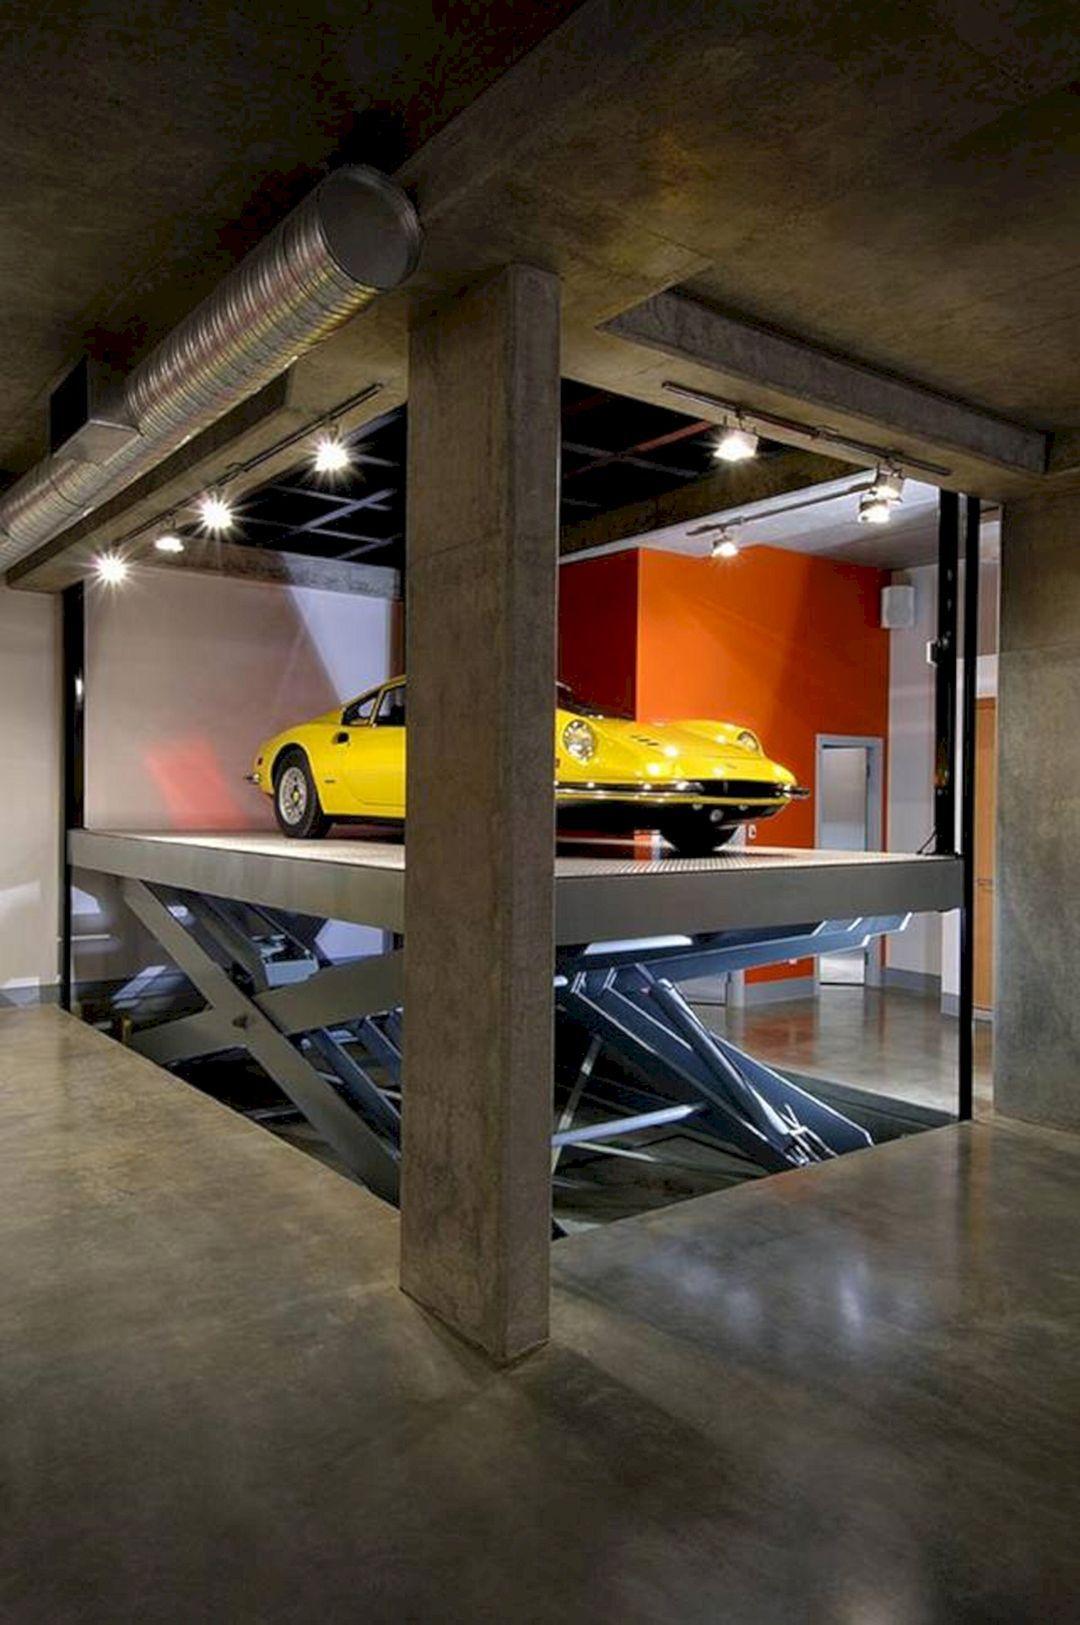 45 Incredible Underground Parking Garage Design Parking Garage